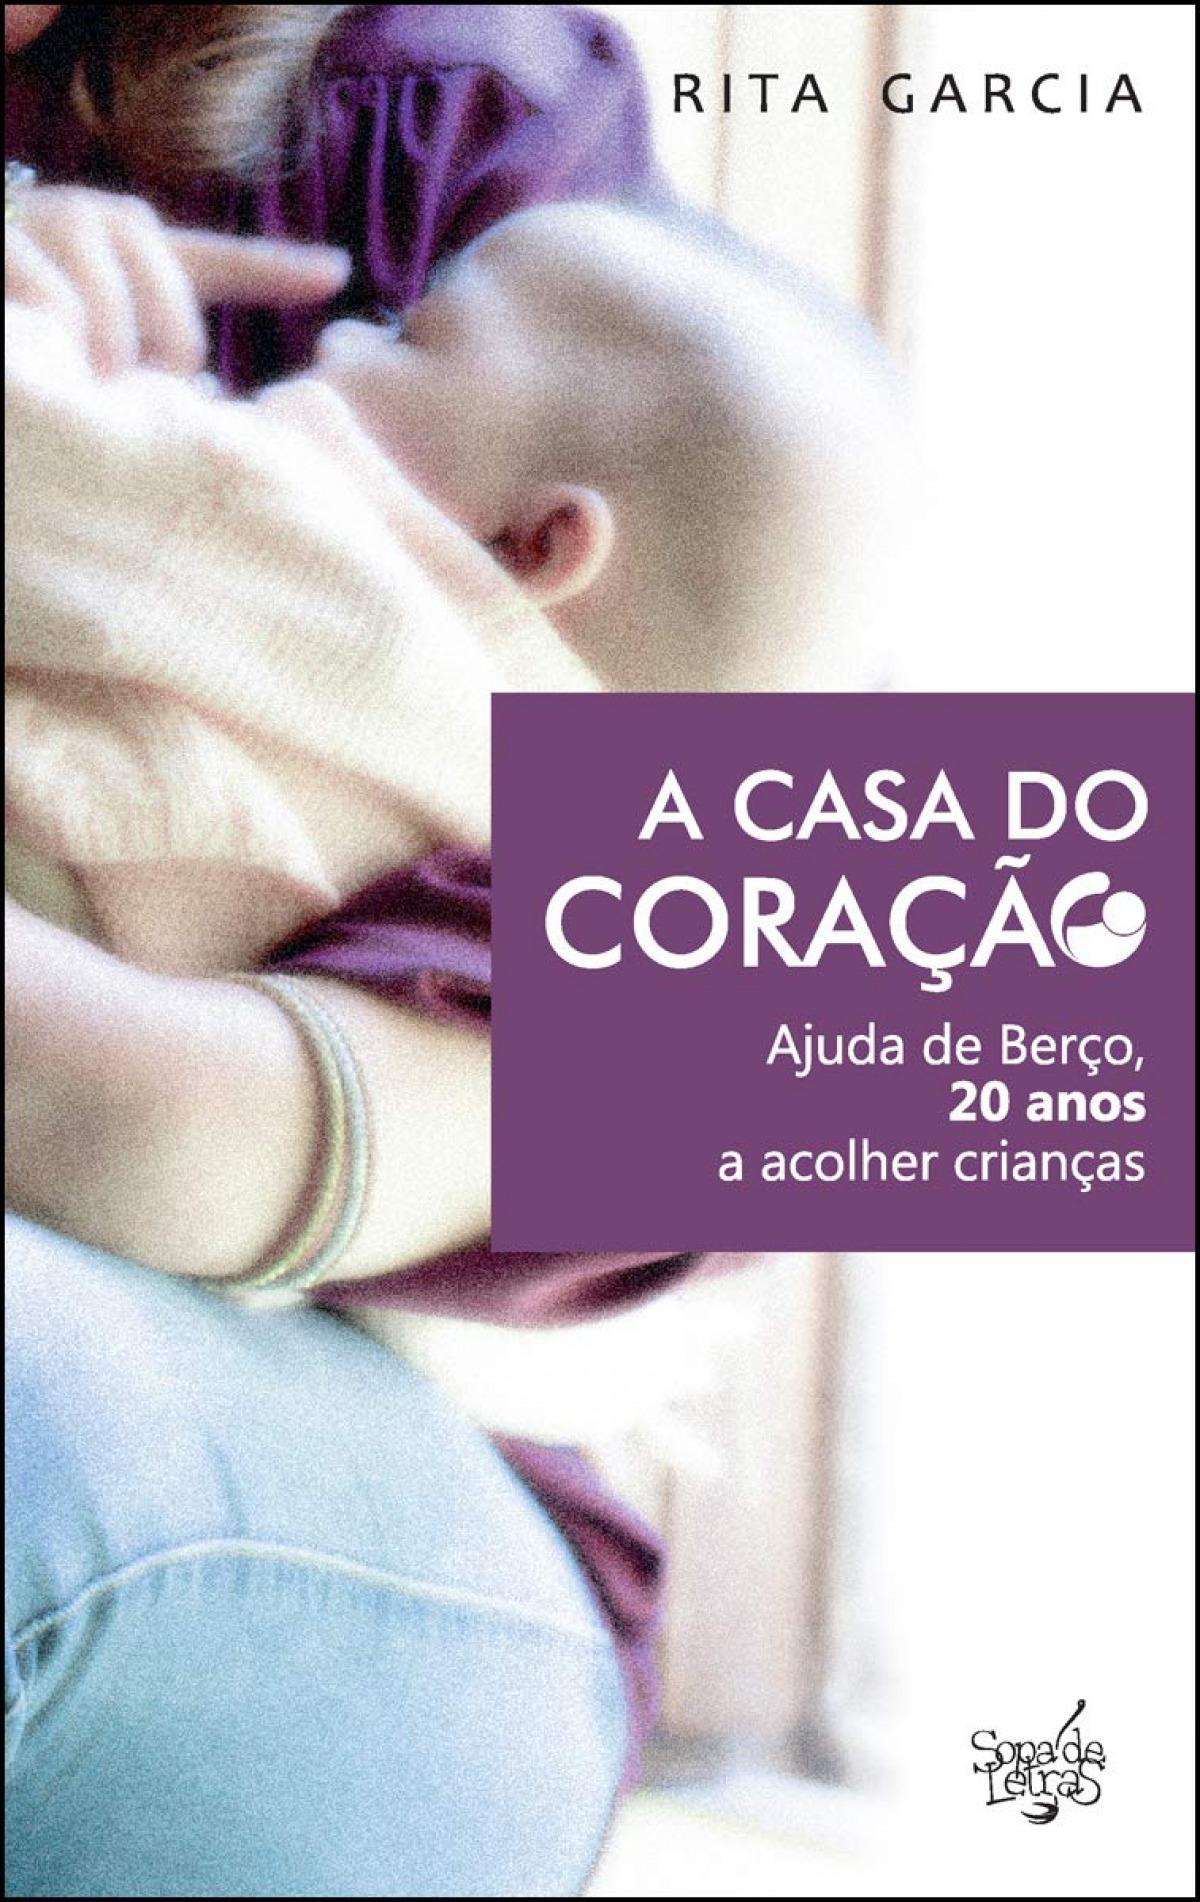 A CASA DO CORAÇÃO: AJUDA DE BERÇO, 20 ANOS A ACOLHER CRIANÇAS 9789898854148